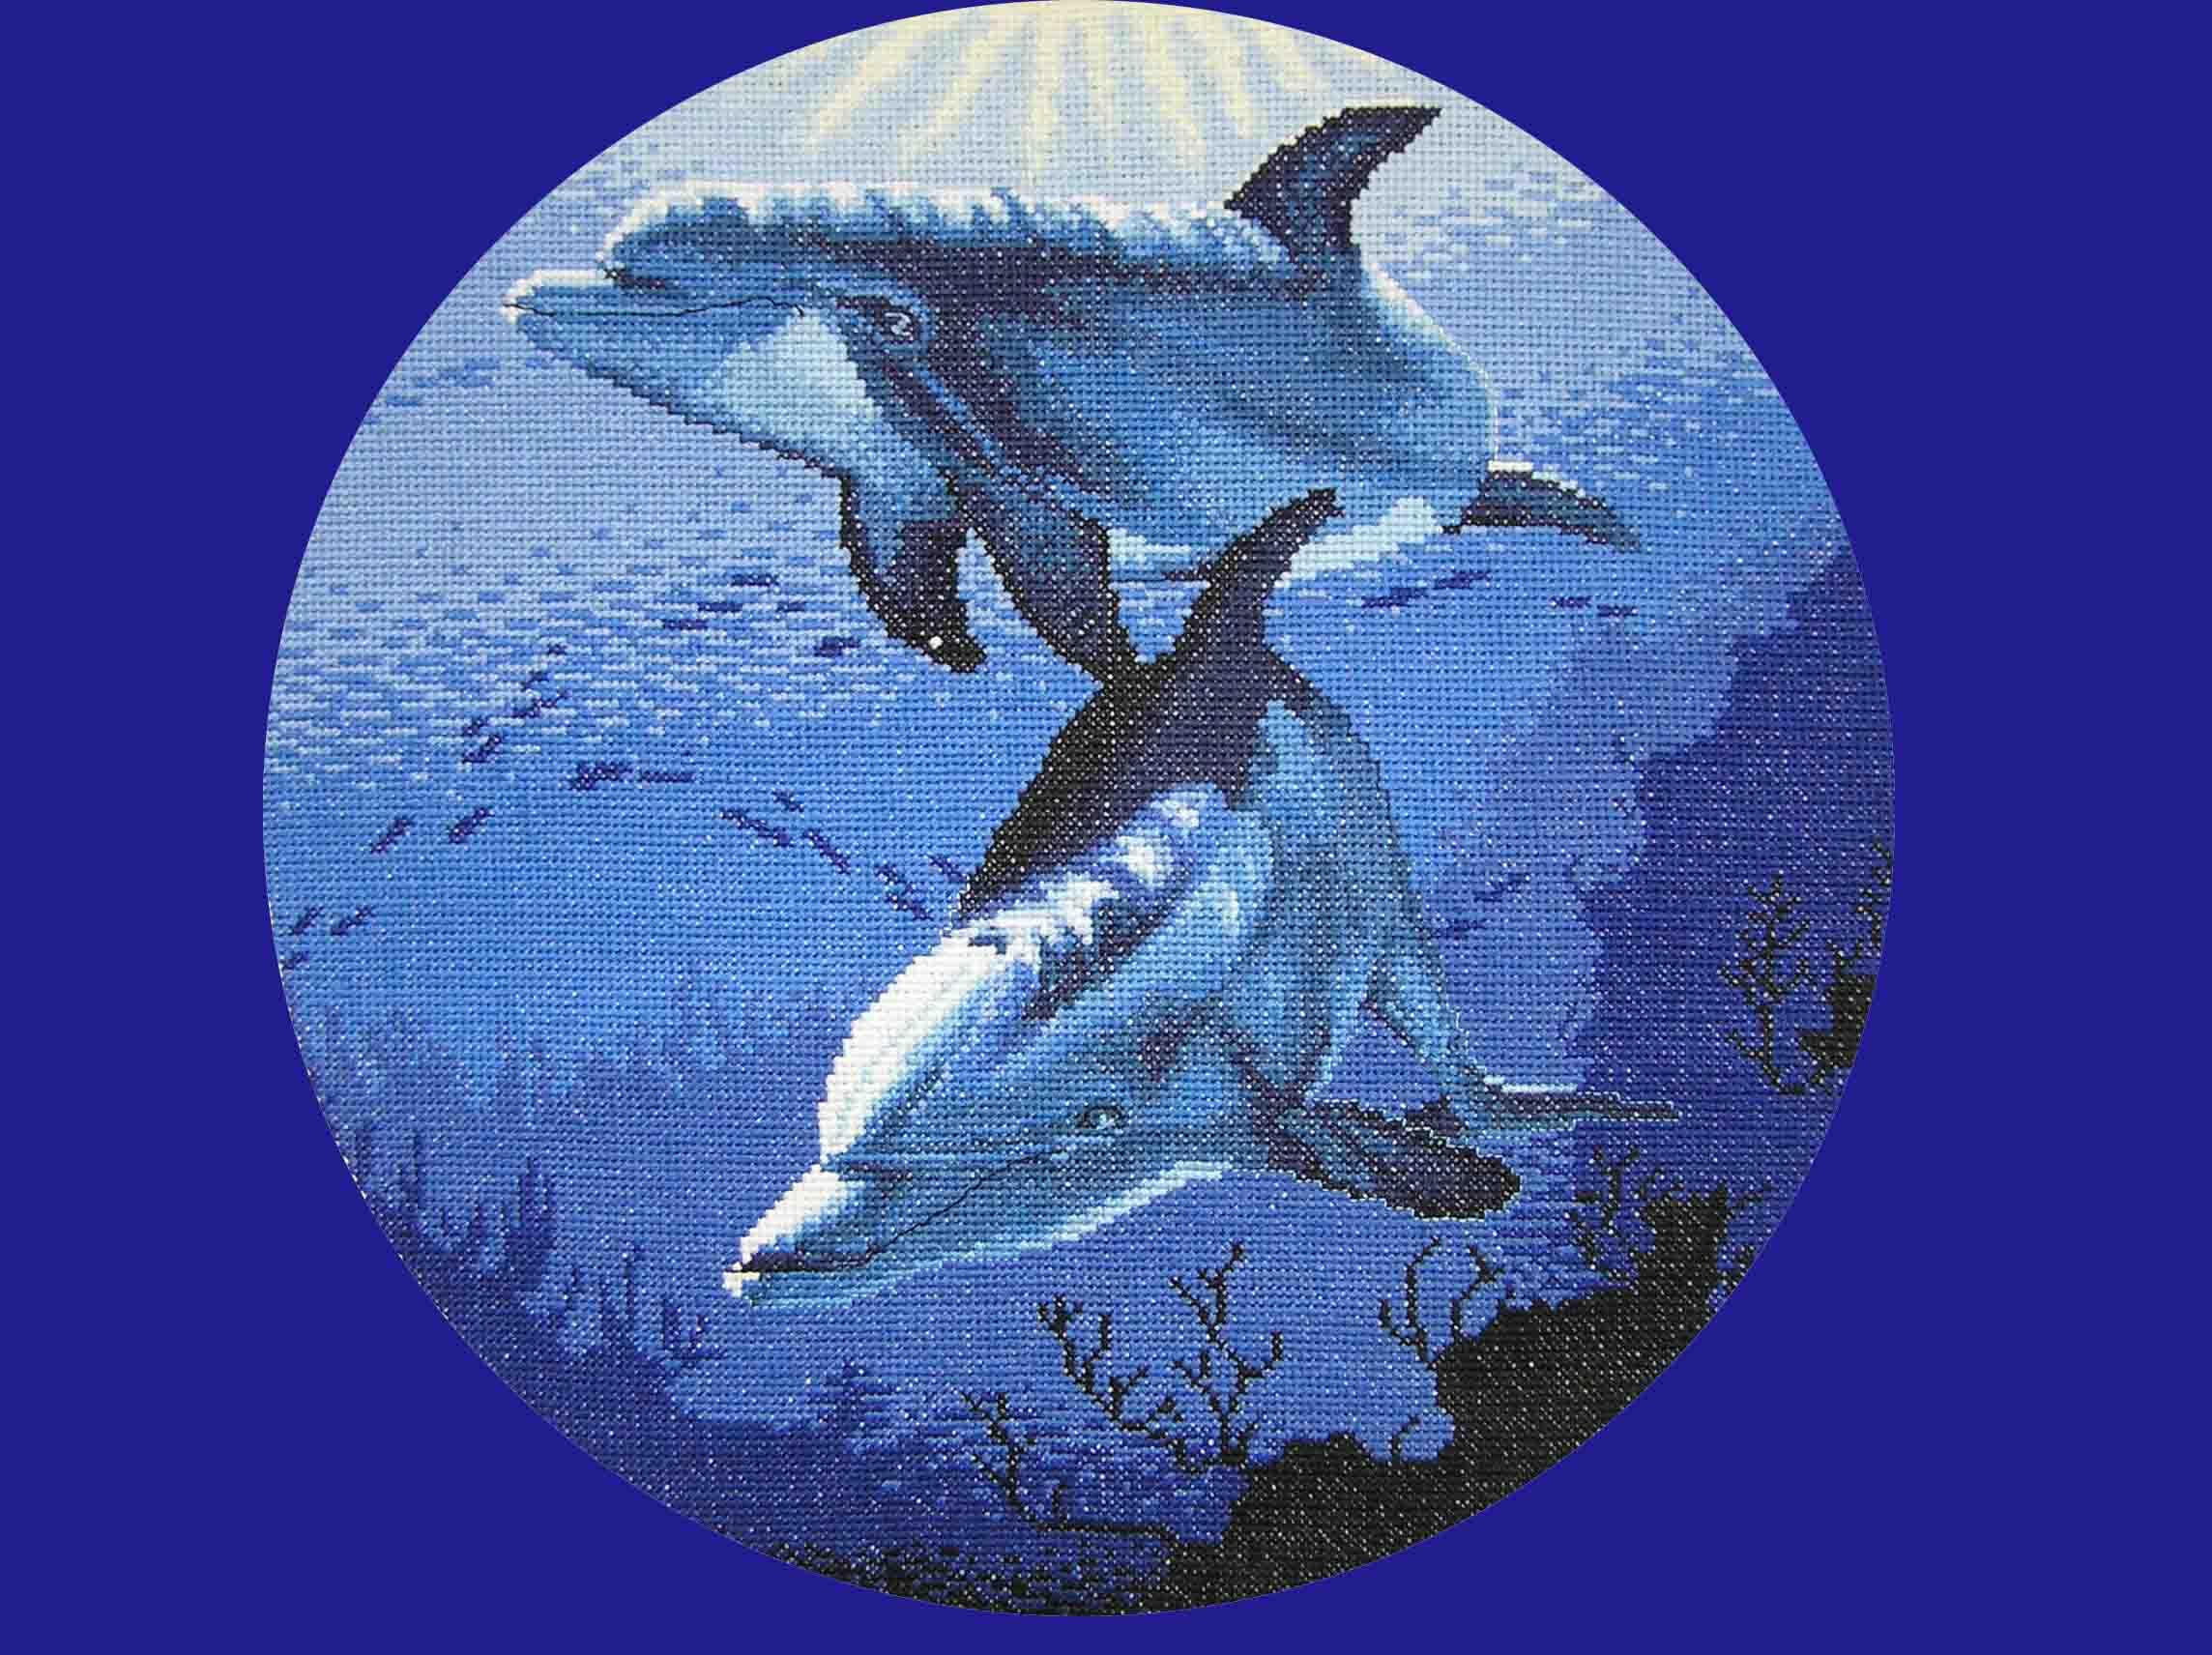 поражает сочные дельфины от дименшенс картинки ритуальных услуг является